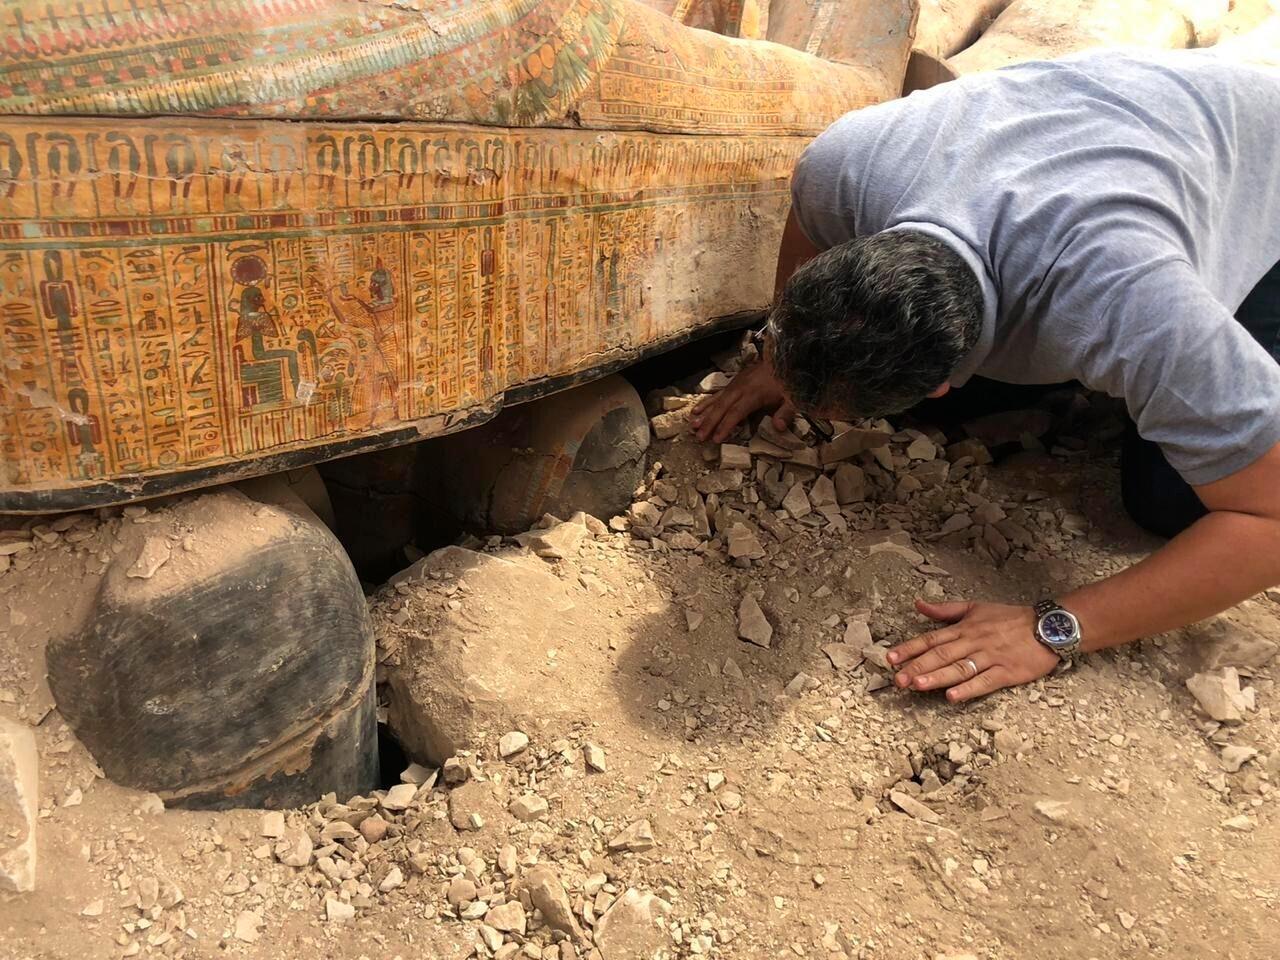 Múmia com língua de ouro é encontrada em cemitério de 2000 anos